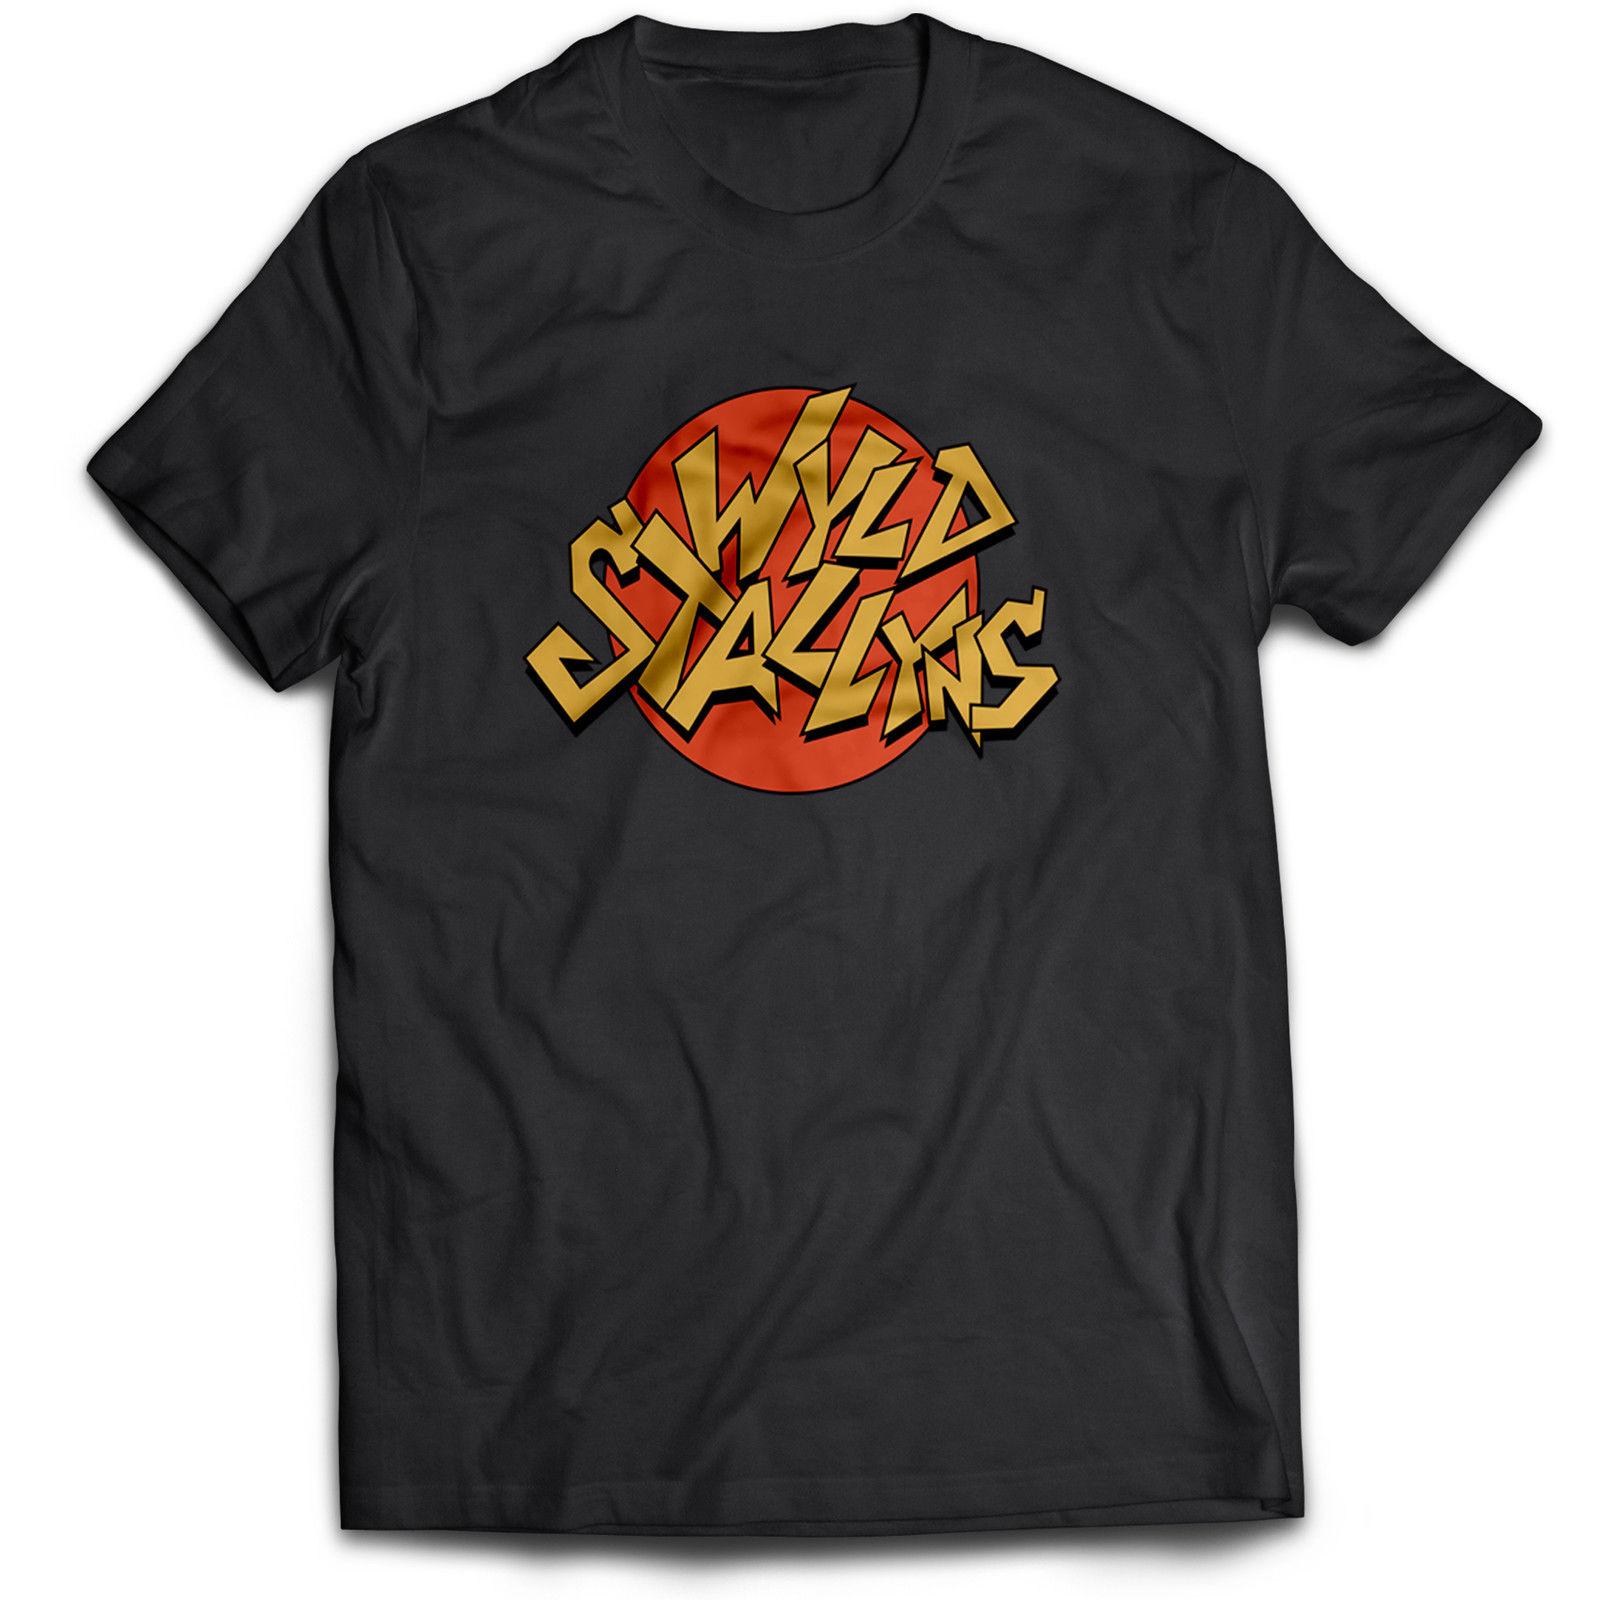 Bill et Ted Wyld Stallyns Film 90 s Comédie Drôle Film Sauvage Étalons T-shirt Fierté De La Créature T-Shirts